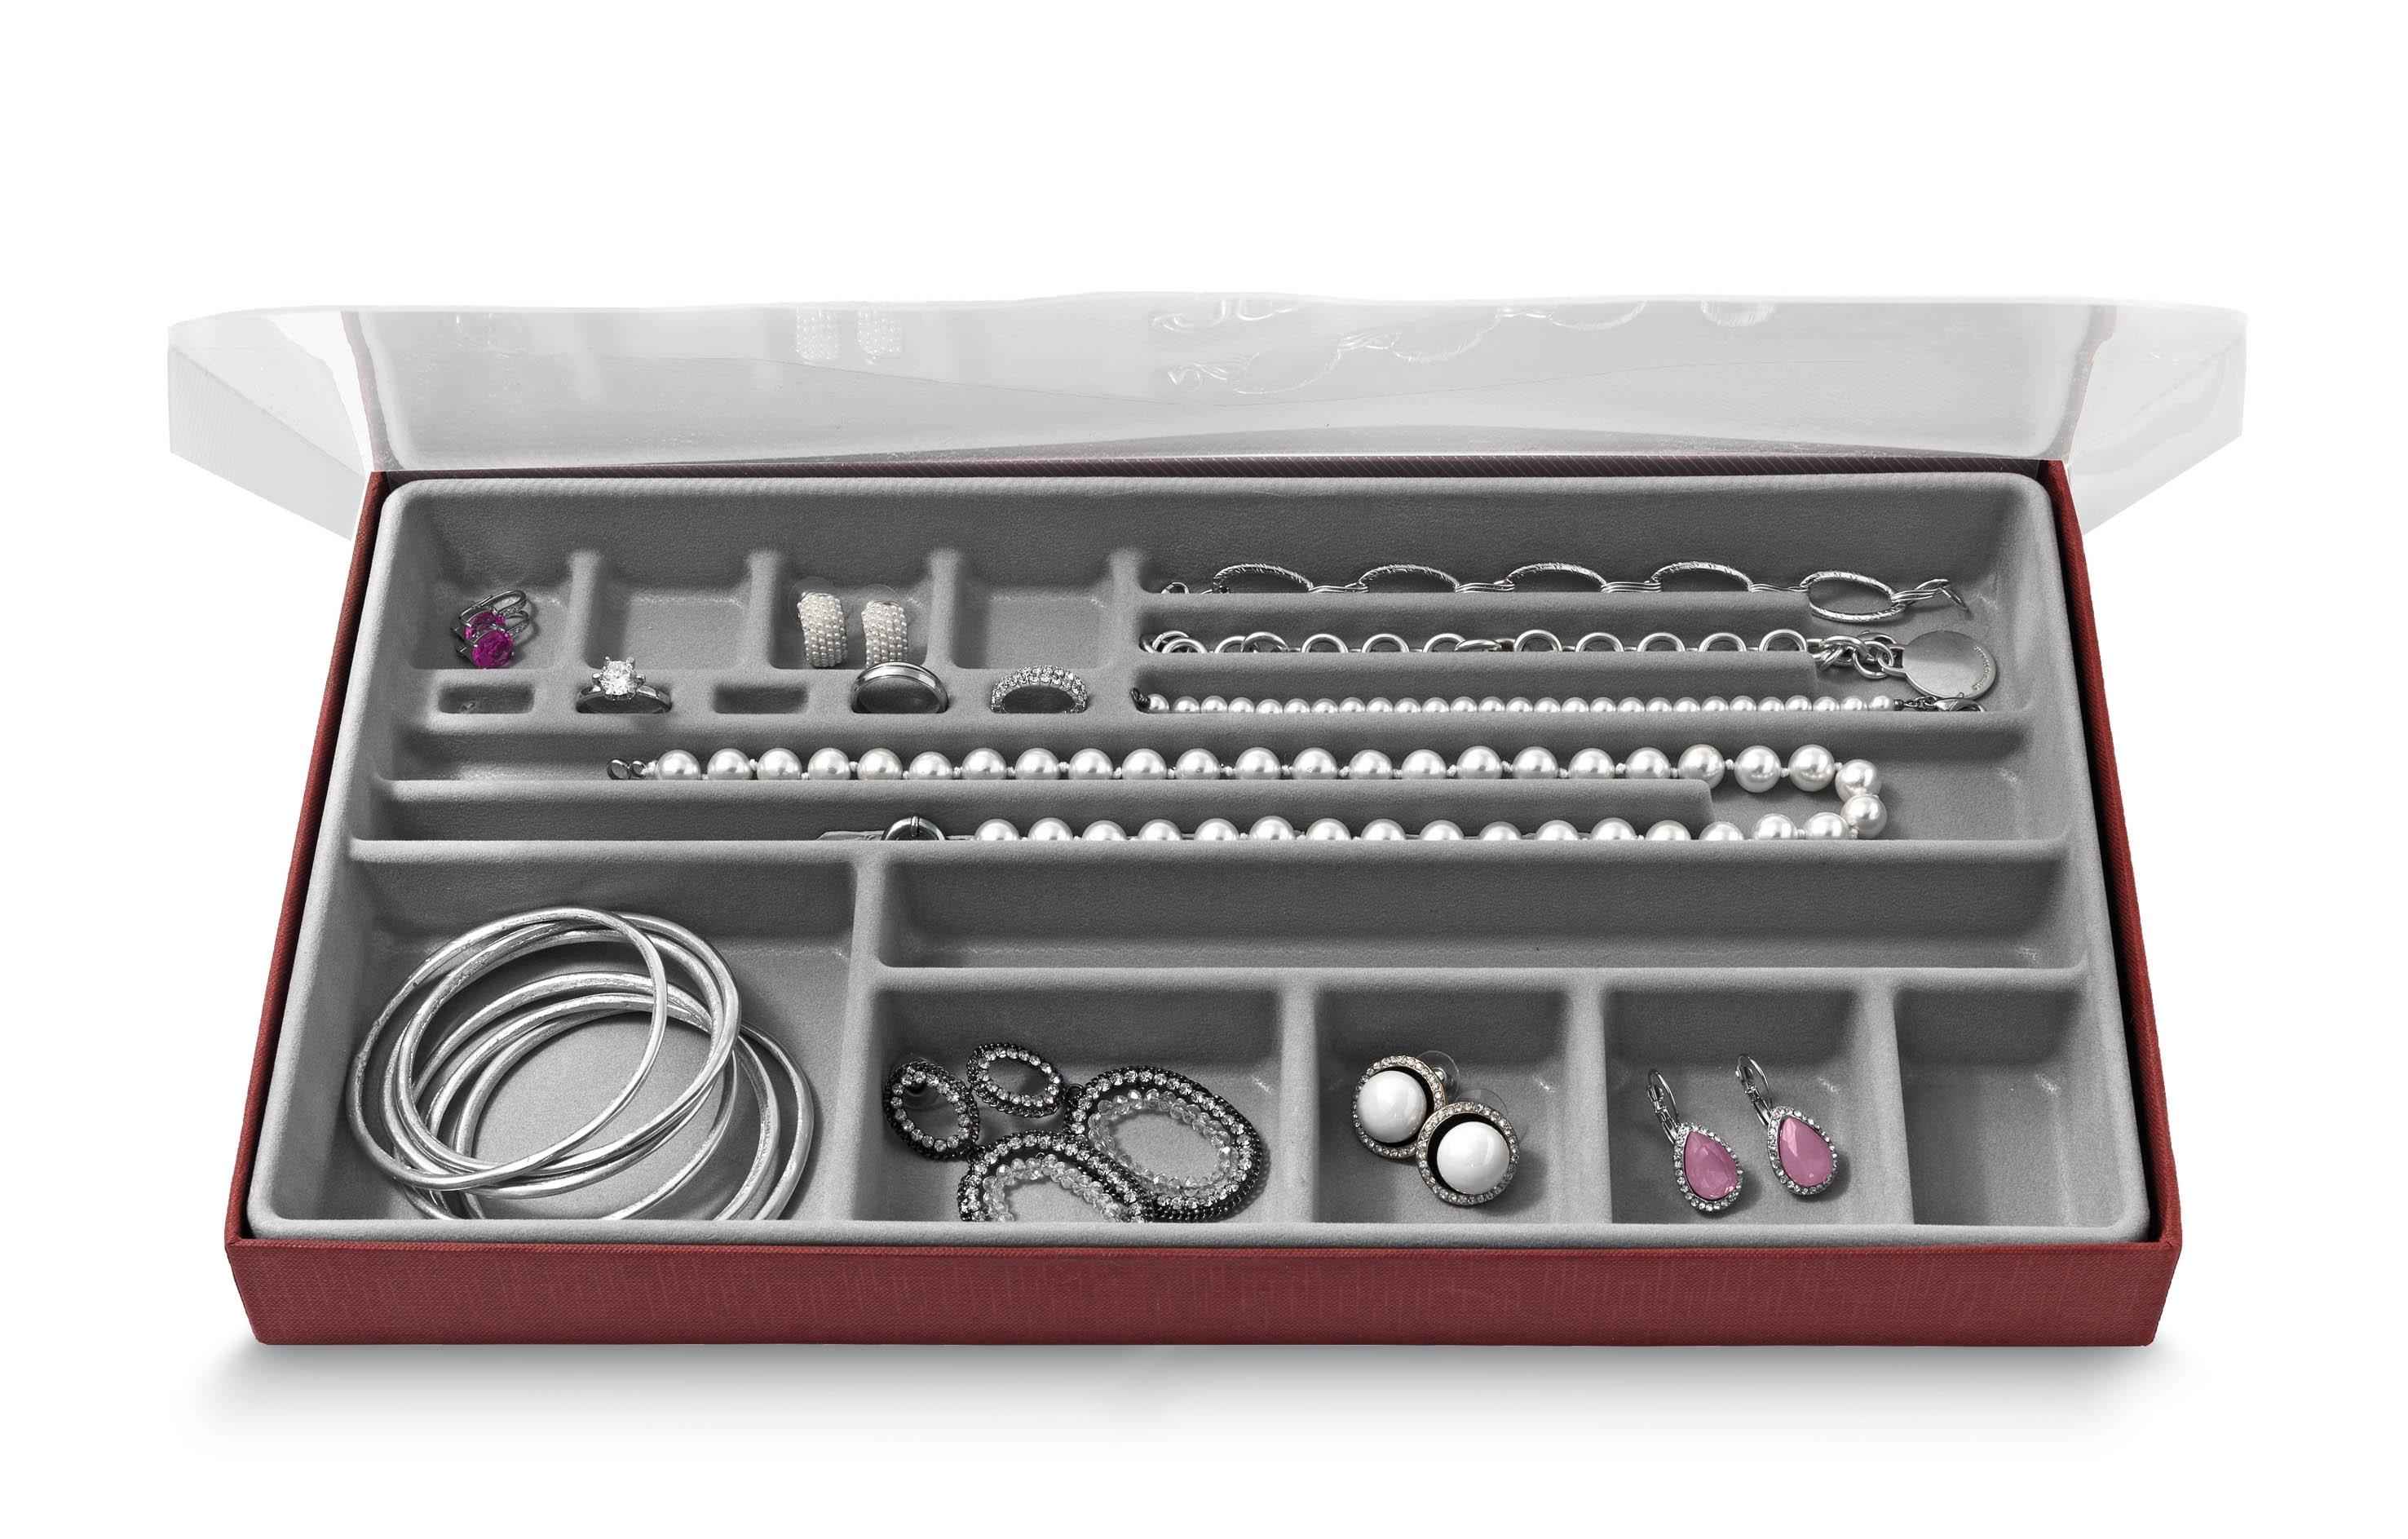 Organizator pentru sertar cu 19 compartimente, Jewel Gri, l37xA21,5xH3,5 cm